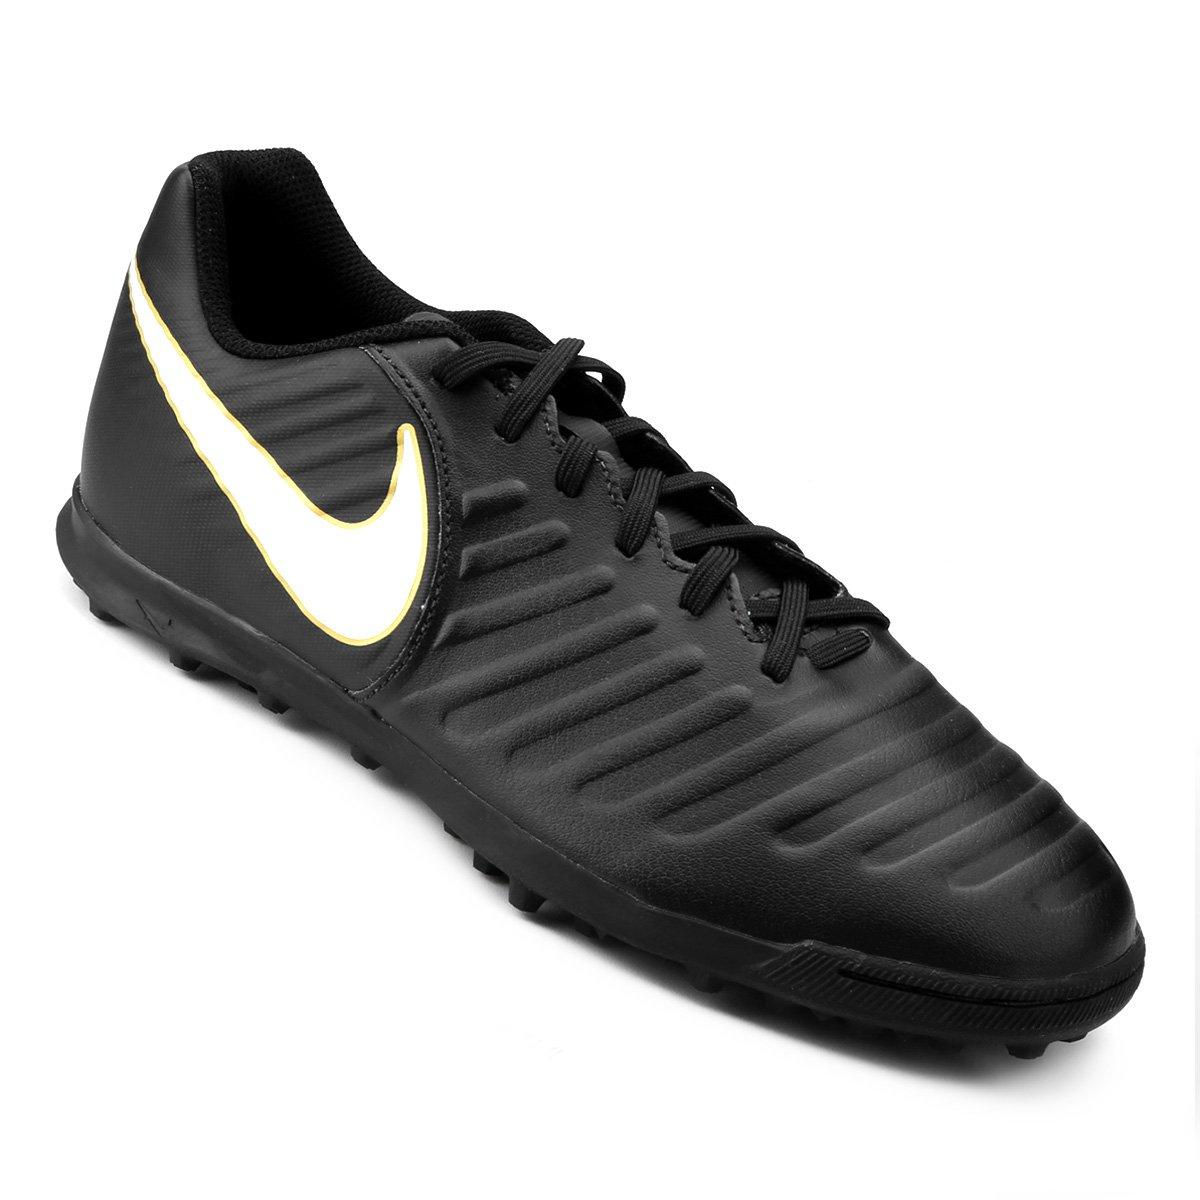 d17bbd2d70 Chuteira Society Nike Tiempo Rio 4 TF - Preto e Branco - Compre ...